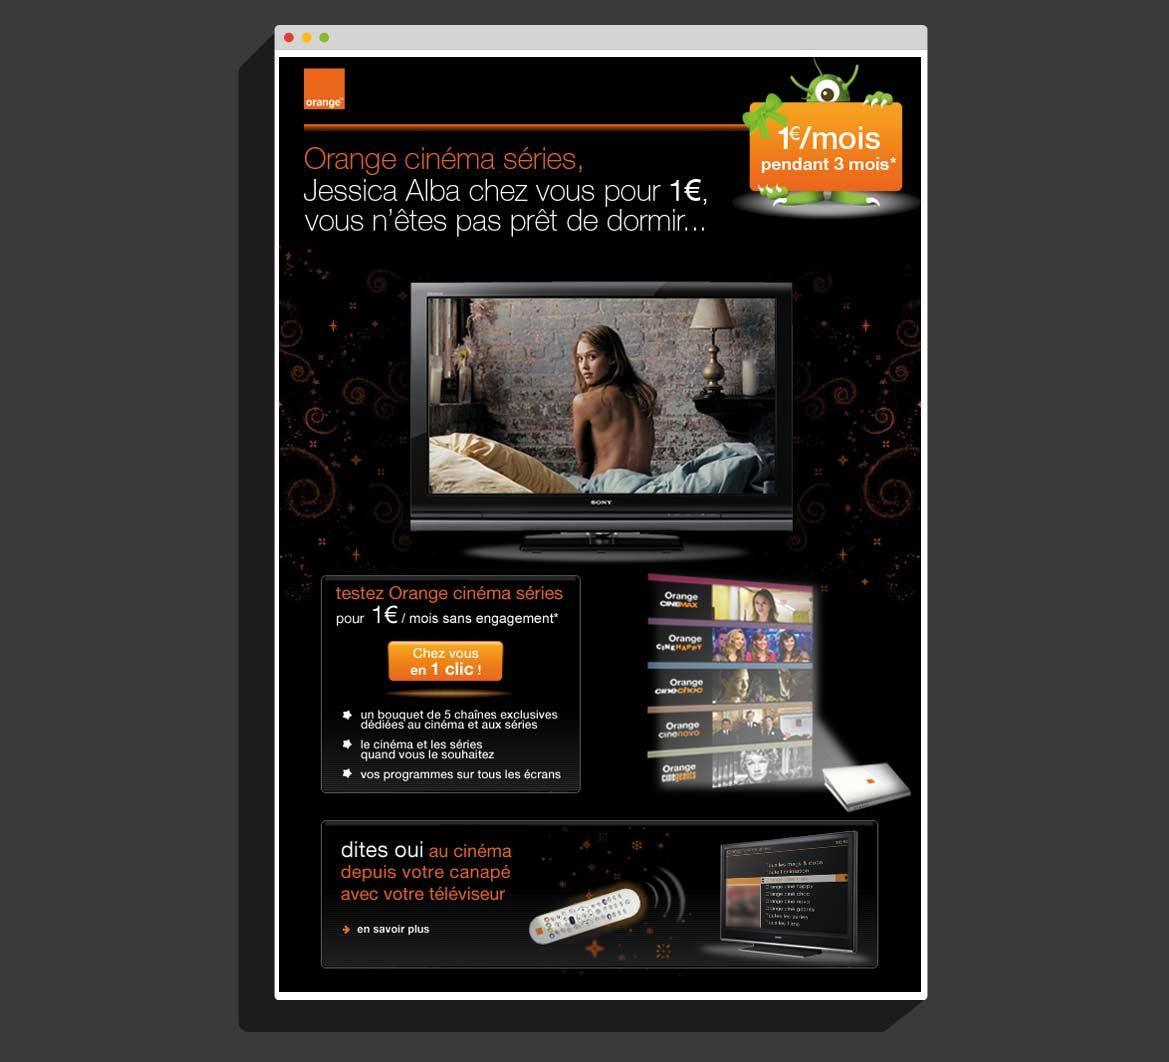 Emailing Orange Cinéma Série